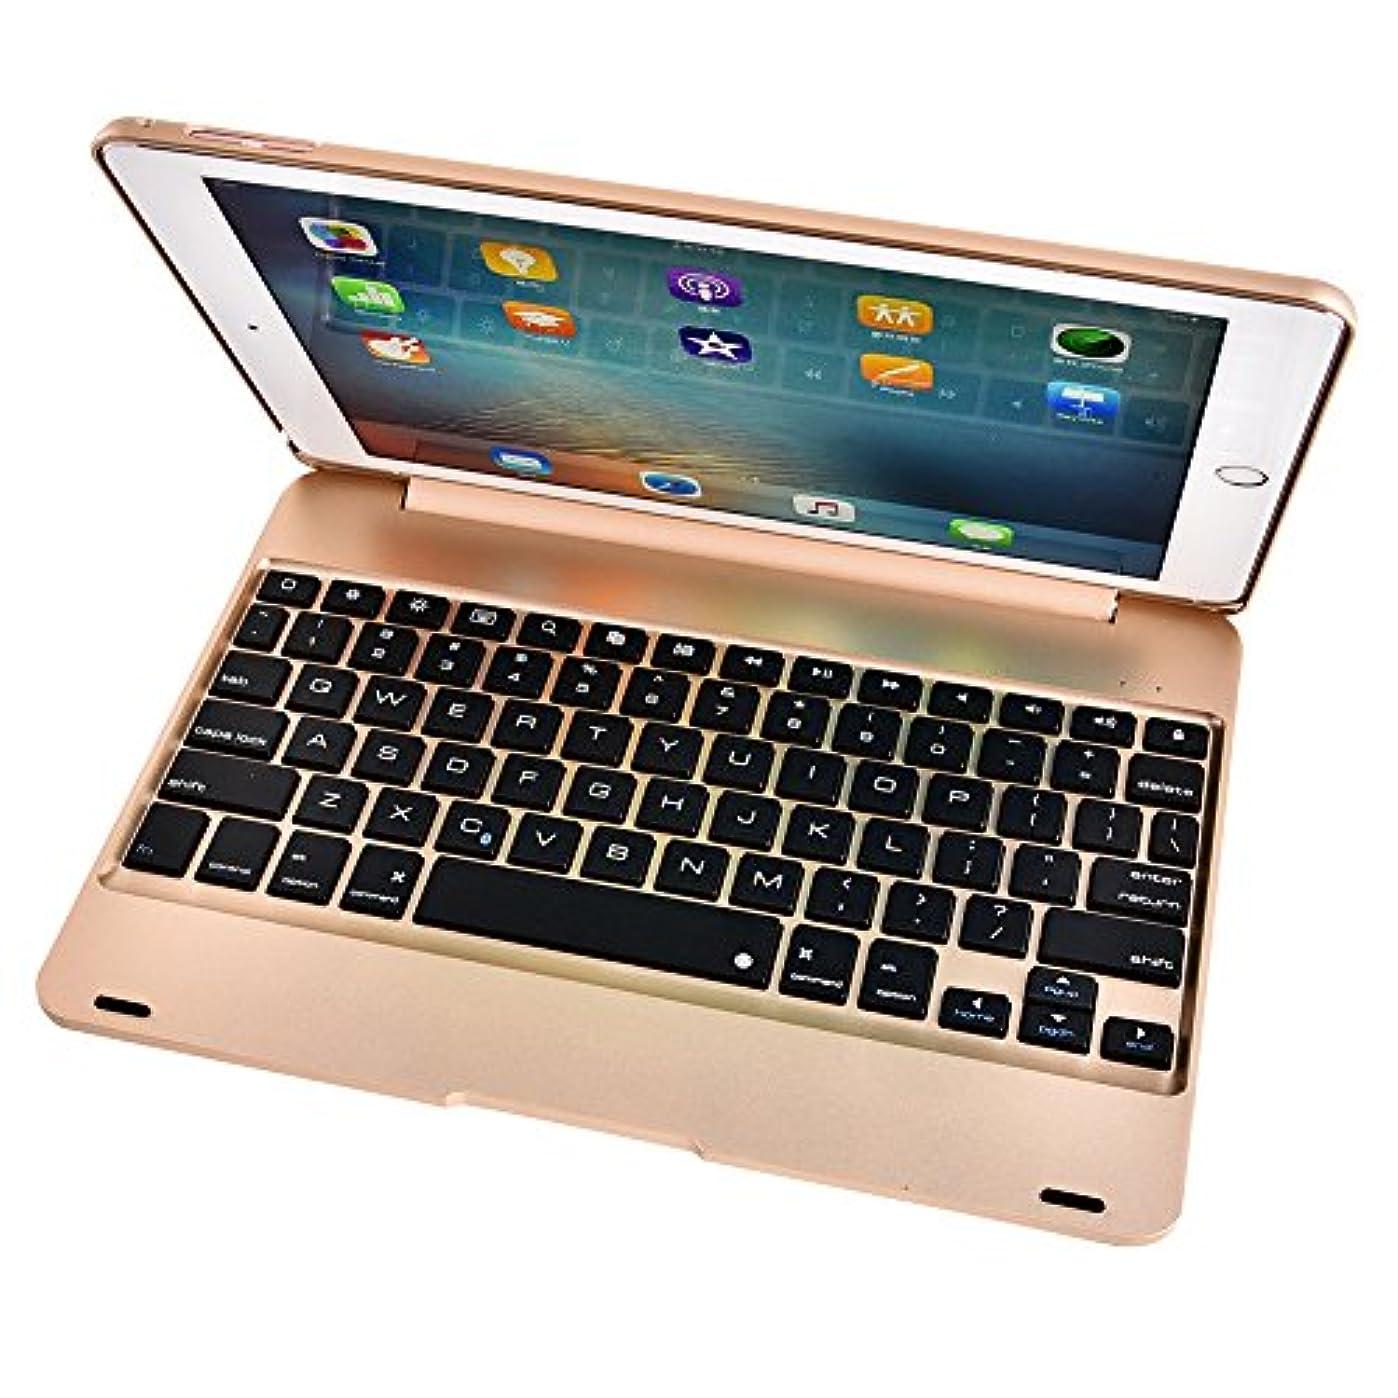 知覚削減賛辞iPad Pro 9.7用 Bluetooth ワイヤレス キーボード オートスリープ/スタンド機能 キーボードカバー ノートブックタイプ 保護ケース  全4色